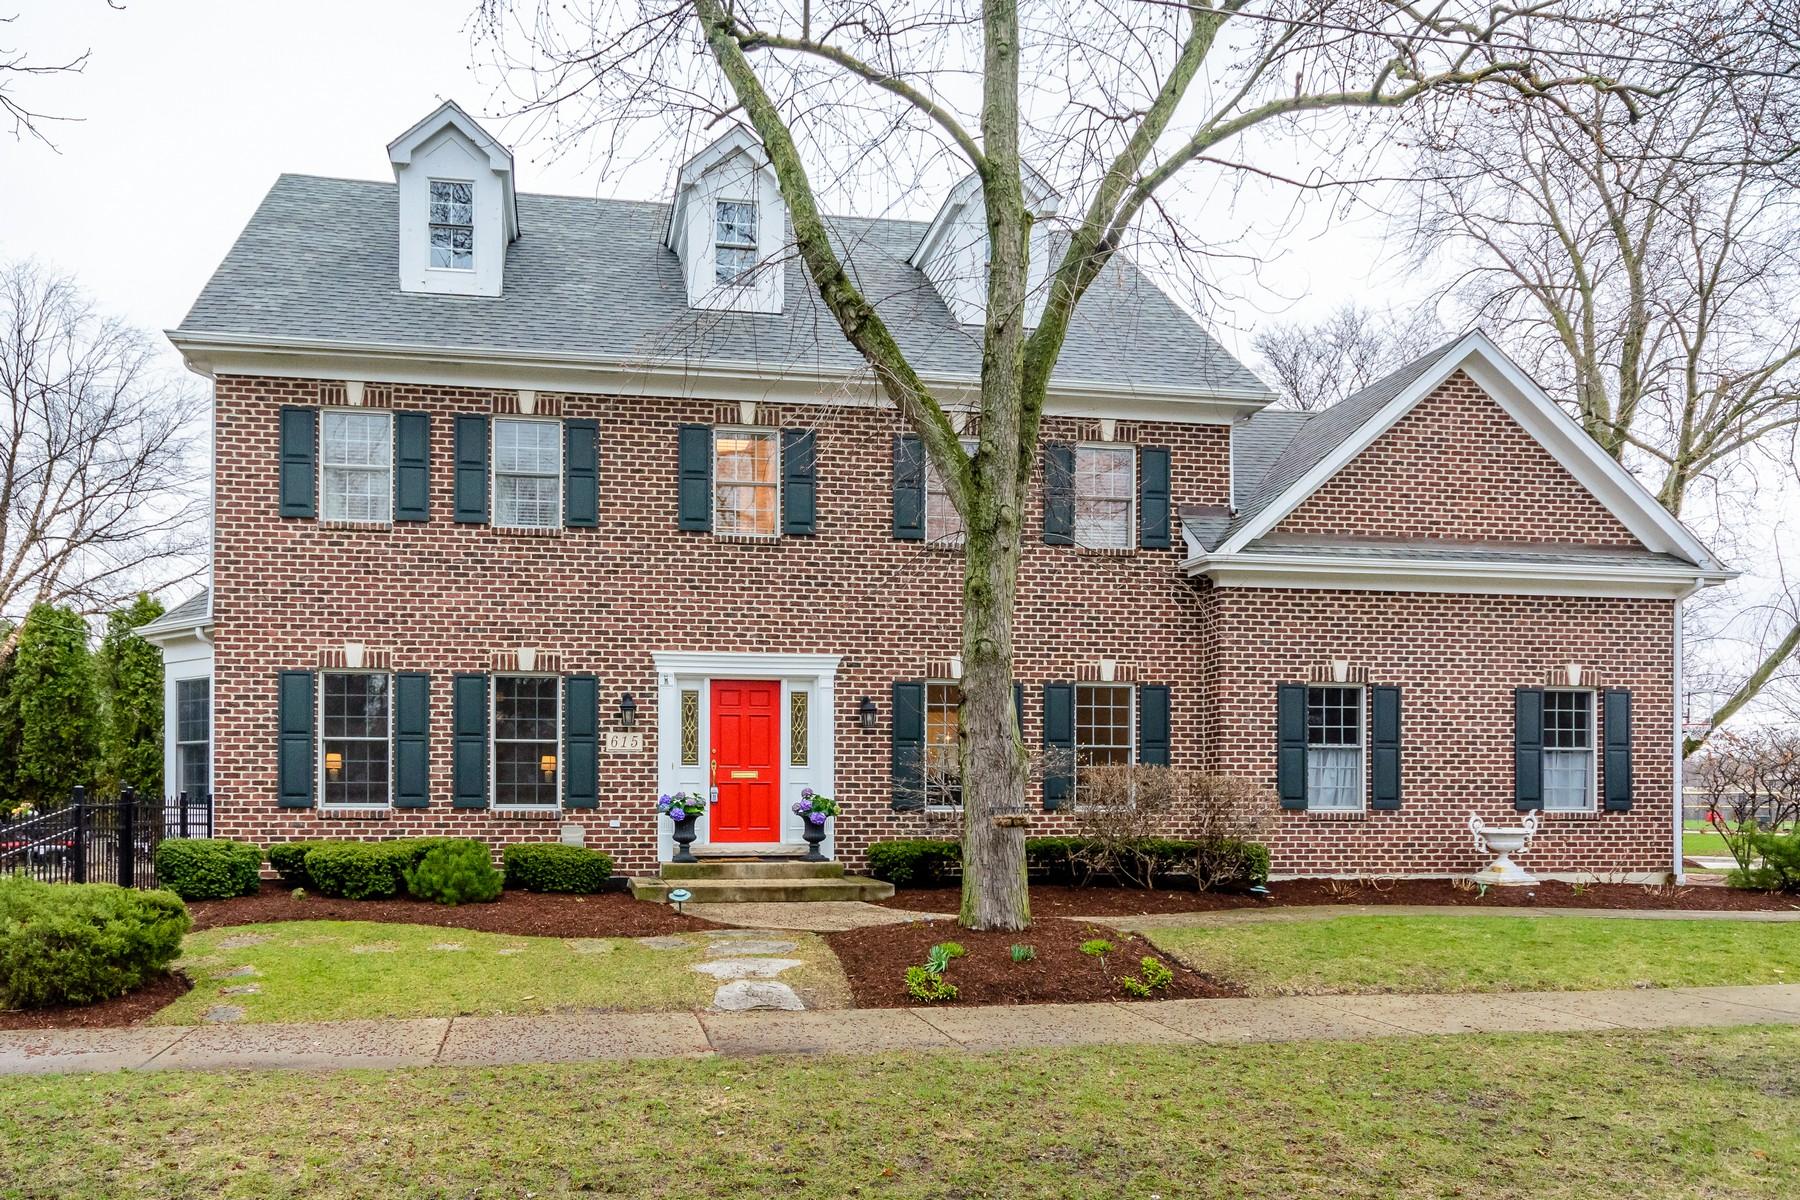 Maison unifamiliale pour l Vente à 615 E. Walnut Hinsdale, Illinois, 60521 États-Unis